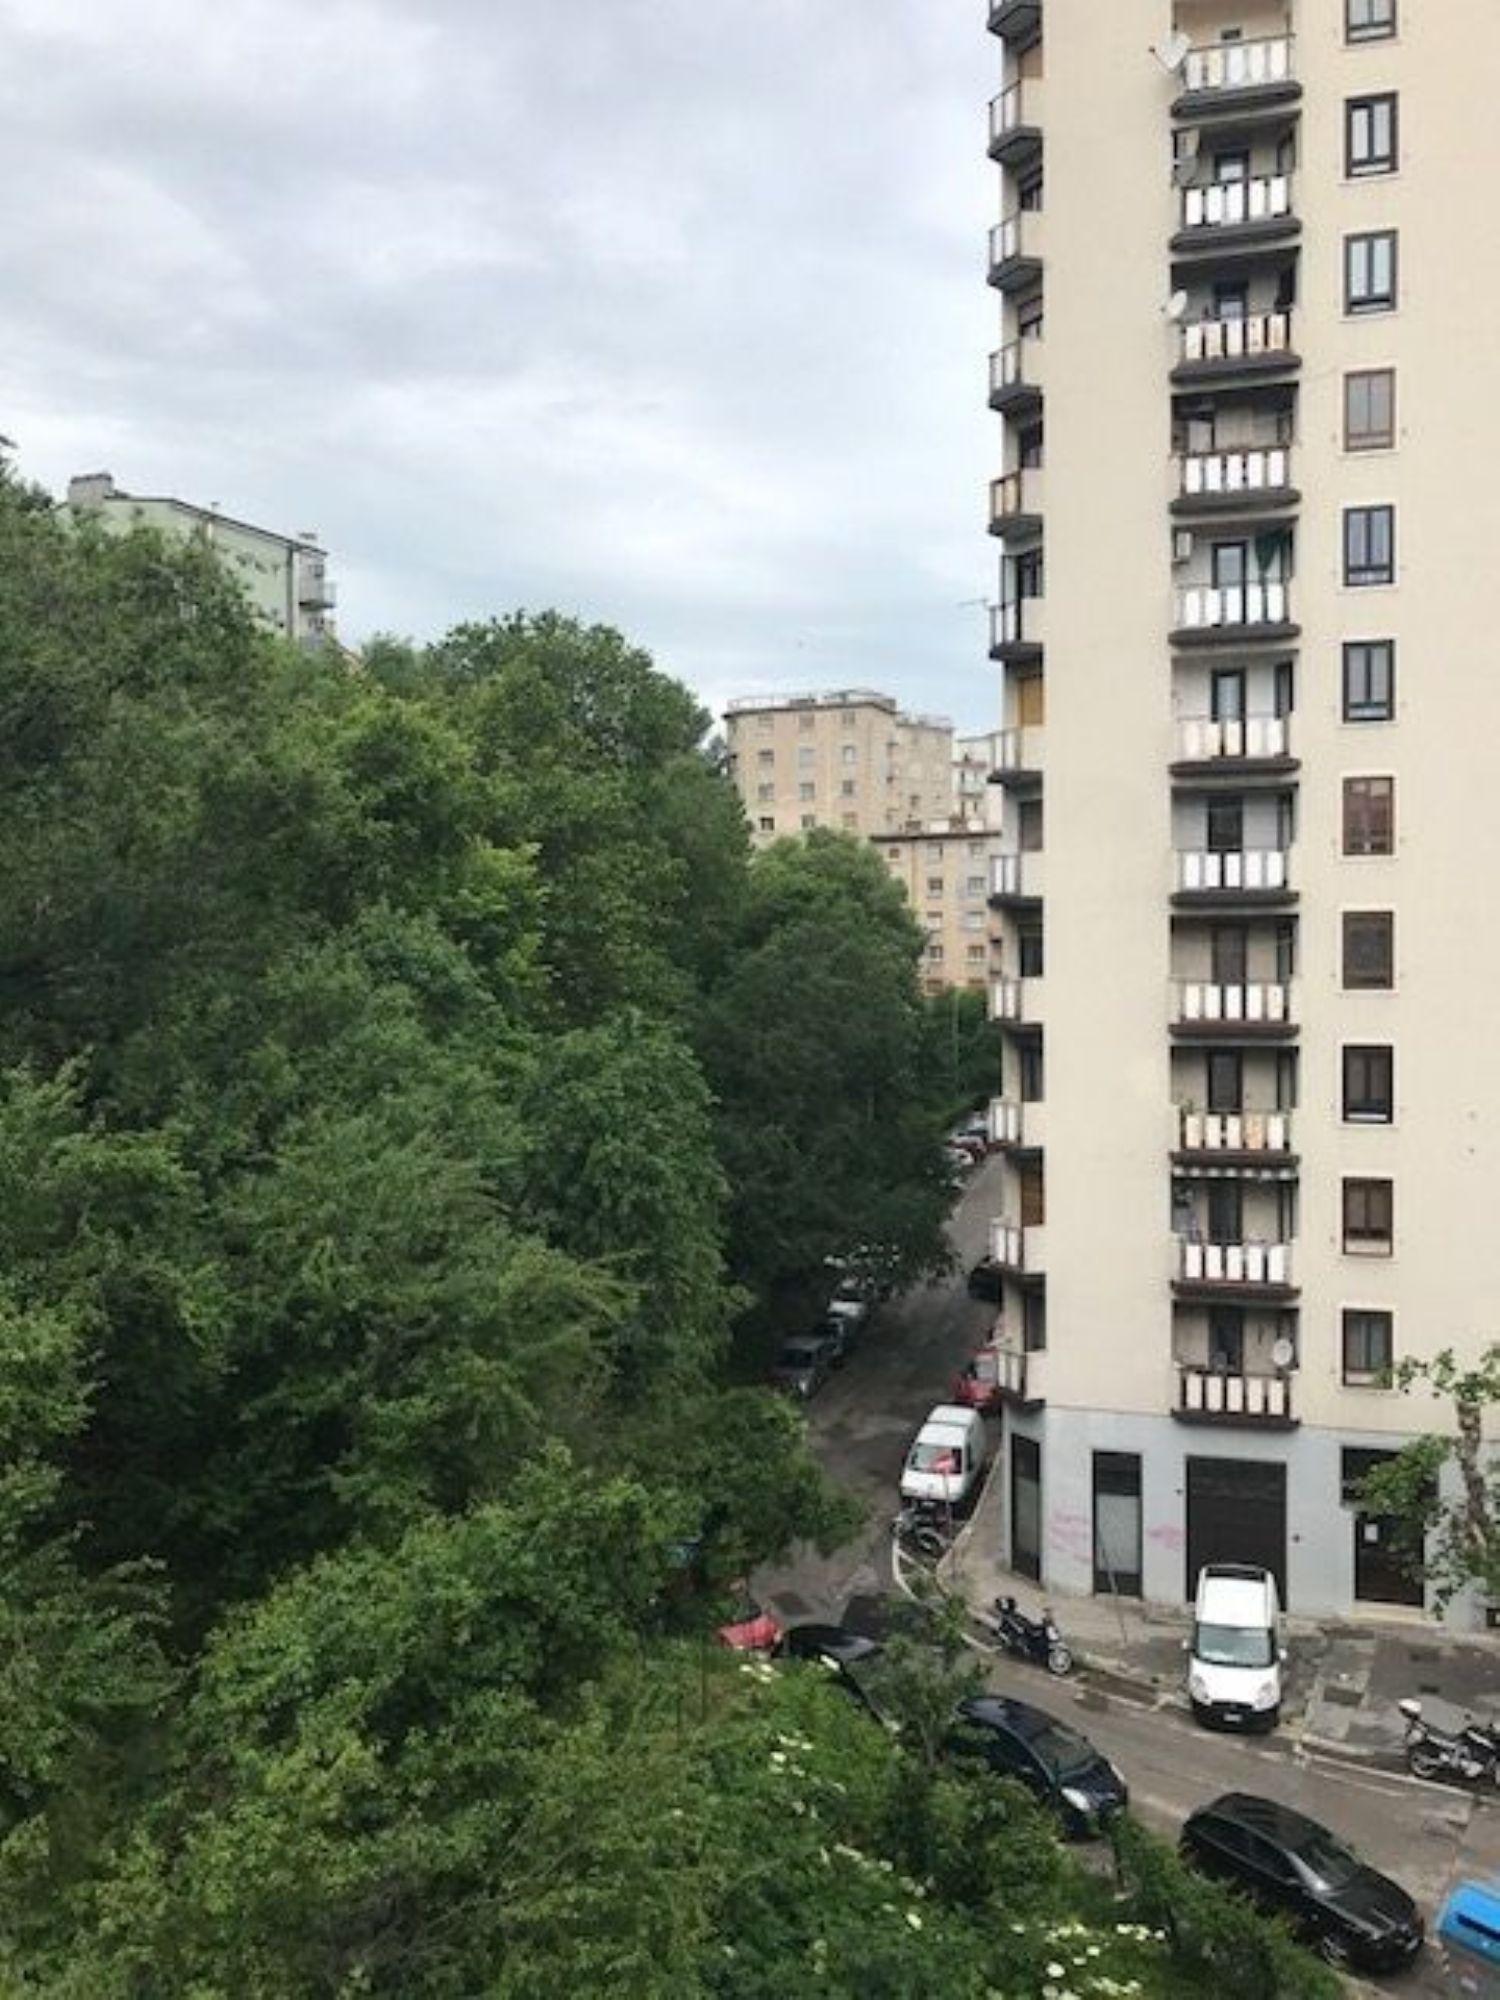 Appartamento in vendita a Trieste, 3 locali, prezzo € 59.500 | Cambio Casa.it